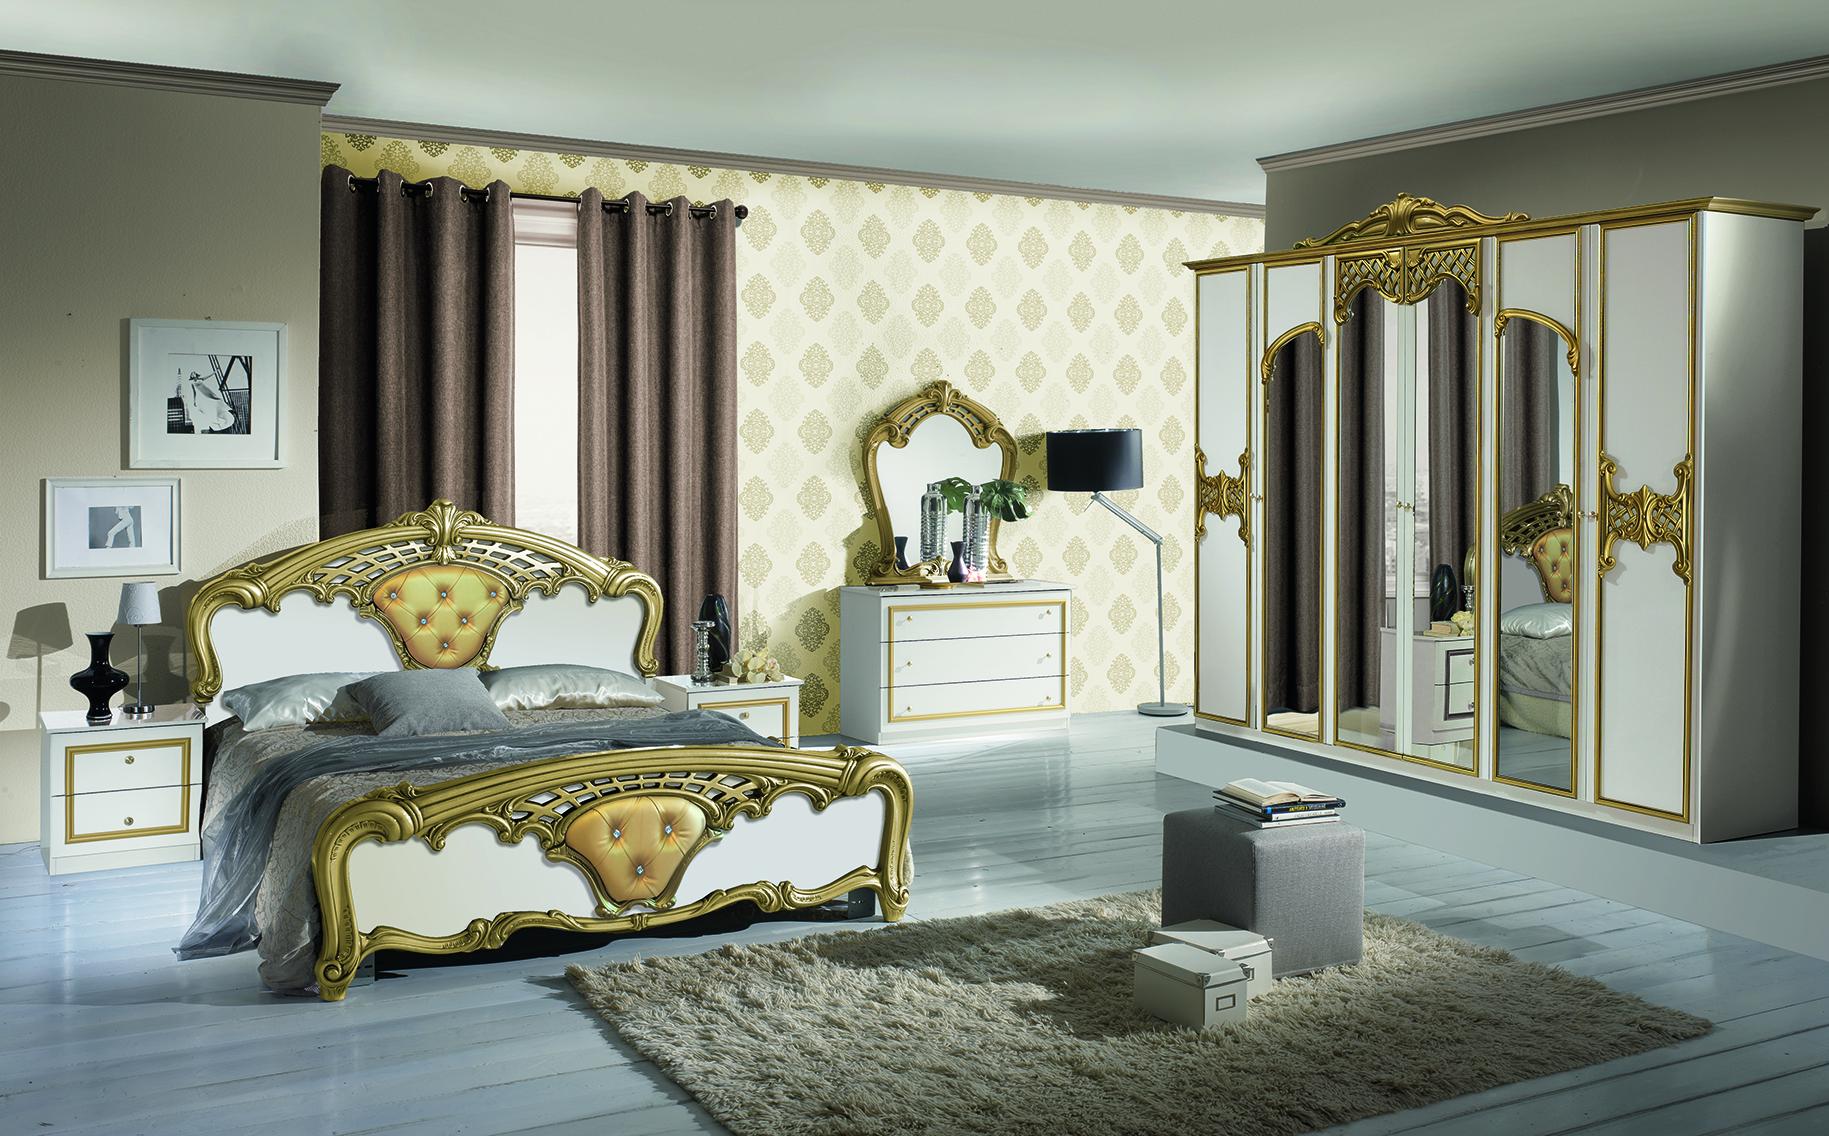 Schlafzimmer Set Eva Weiß 160x200 6-türiger Schrank